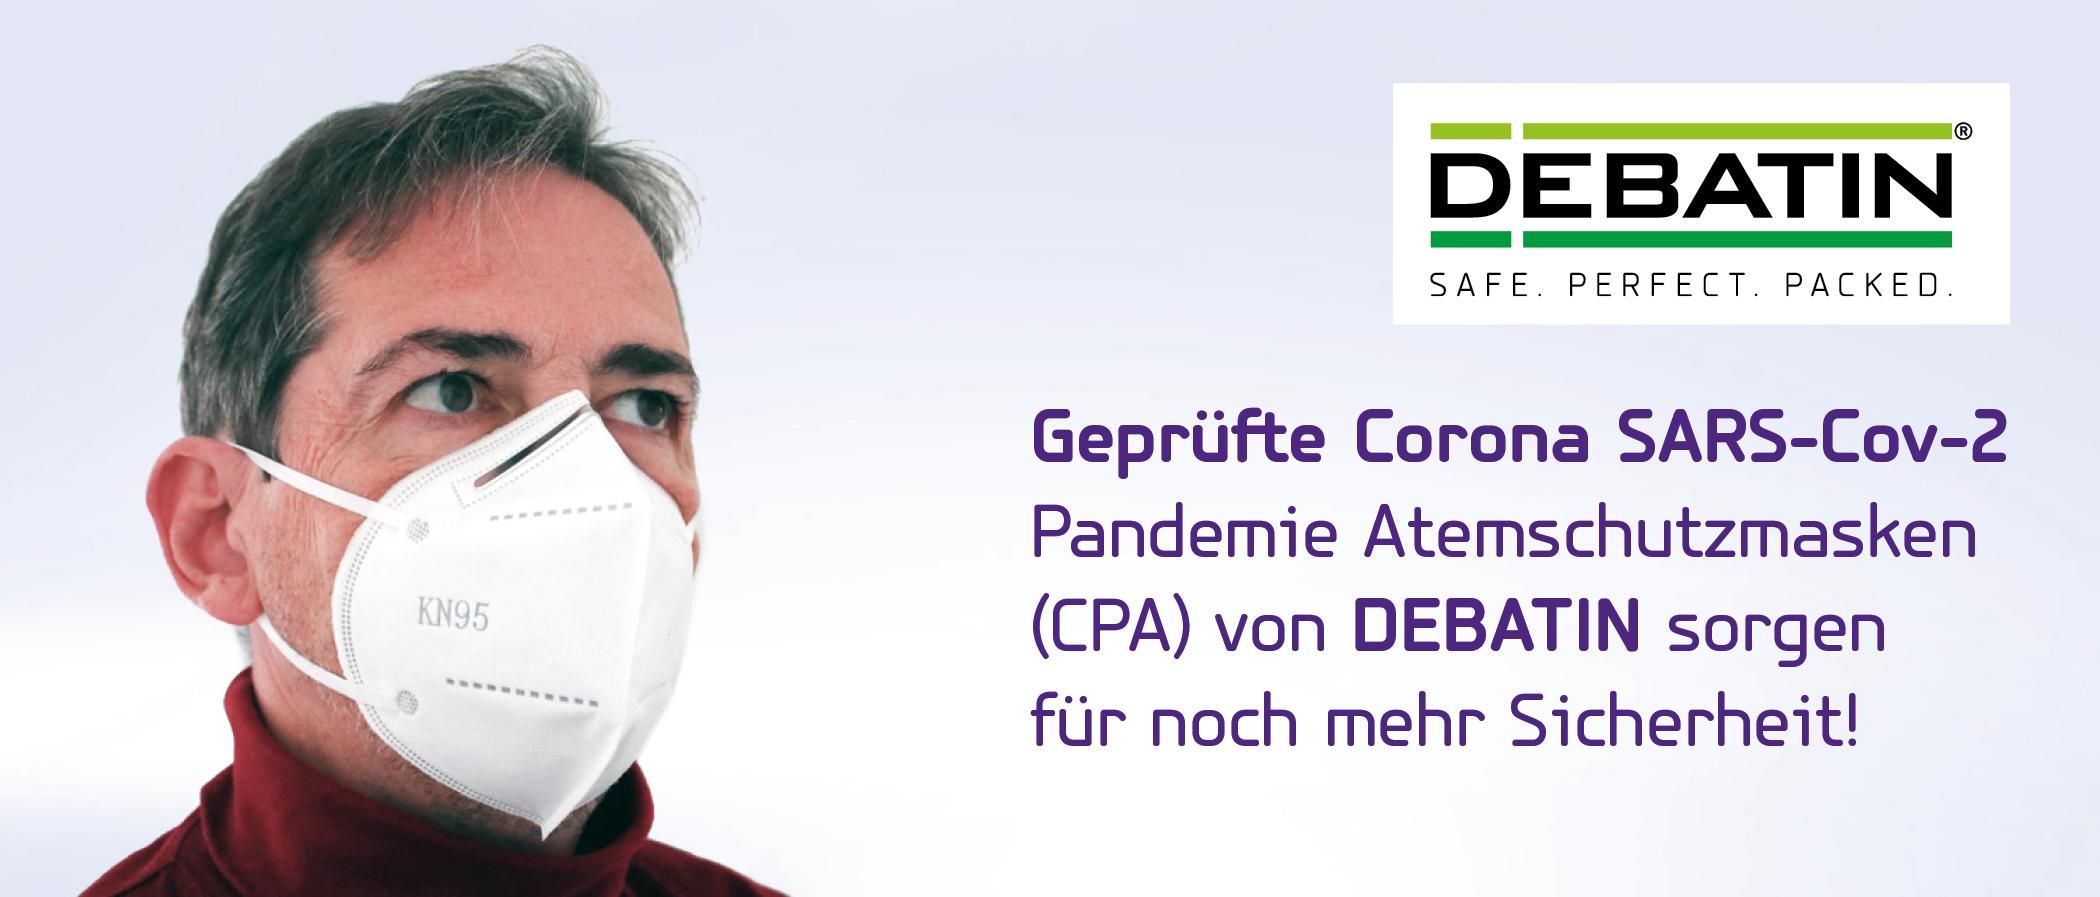 SARS-Cov-2 Pandemie Atemschutzmasken